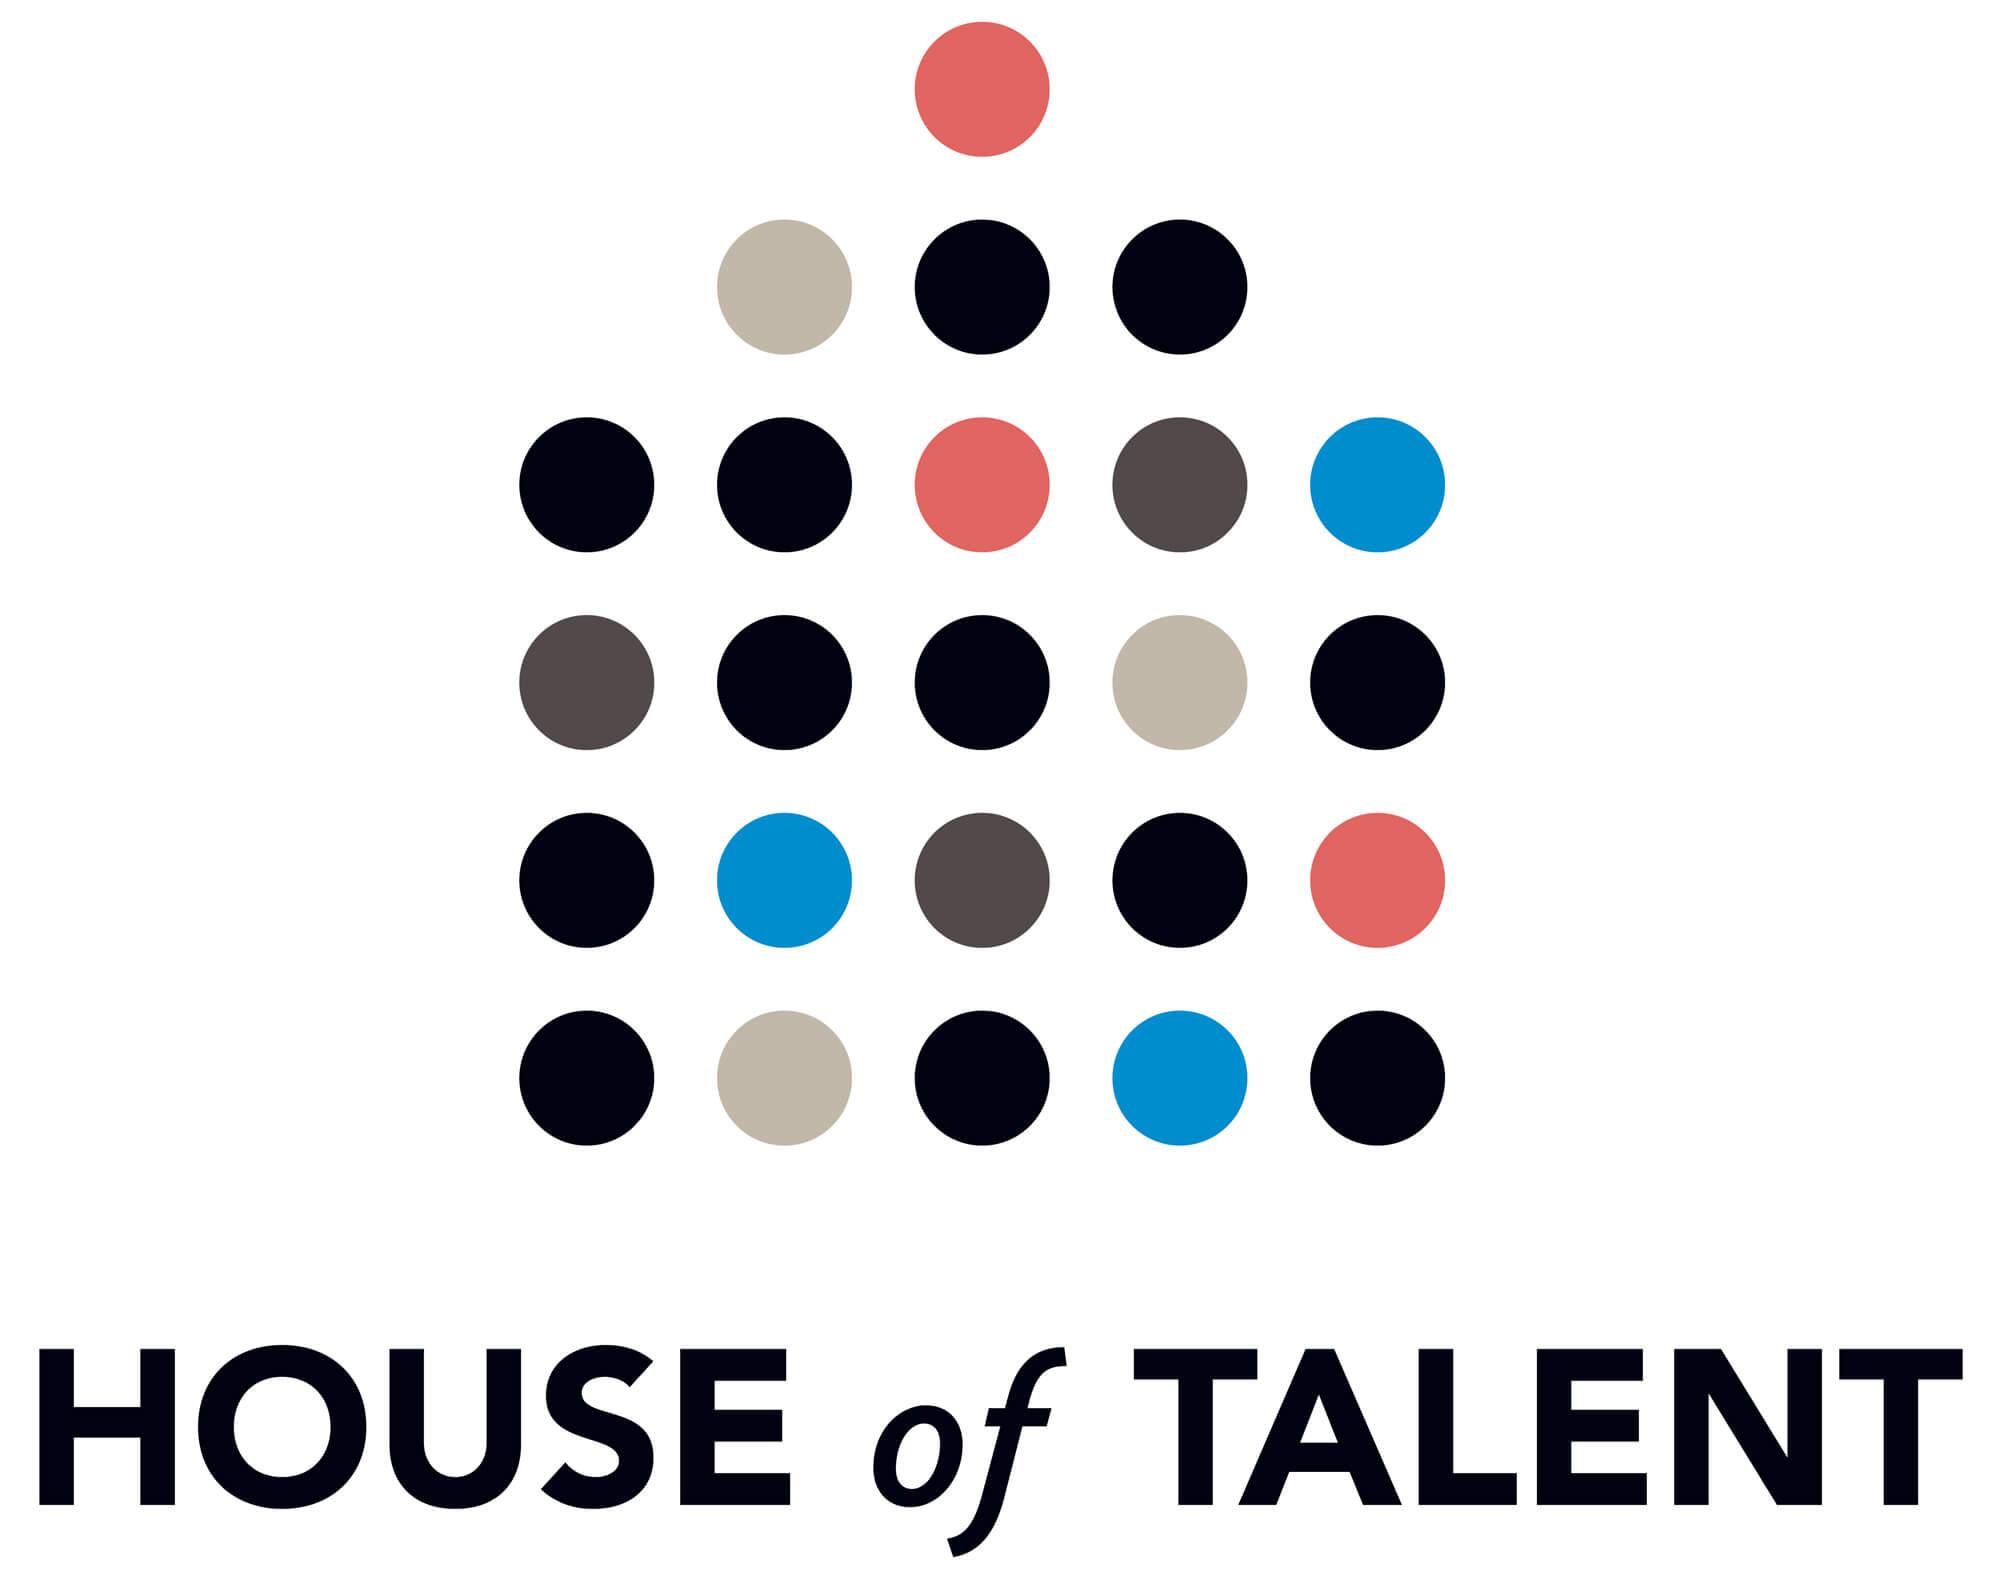 logotype dessiné par Helena Ichbiah pour House of talent, une galerie de photograpie contemporaine et numérique, parValerie Henry